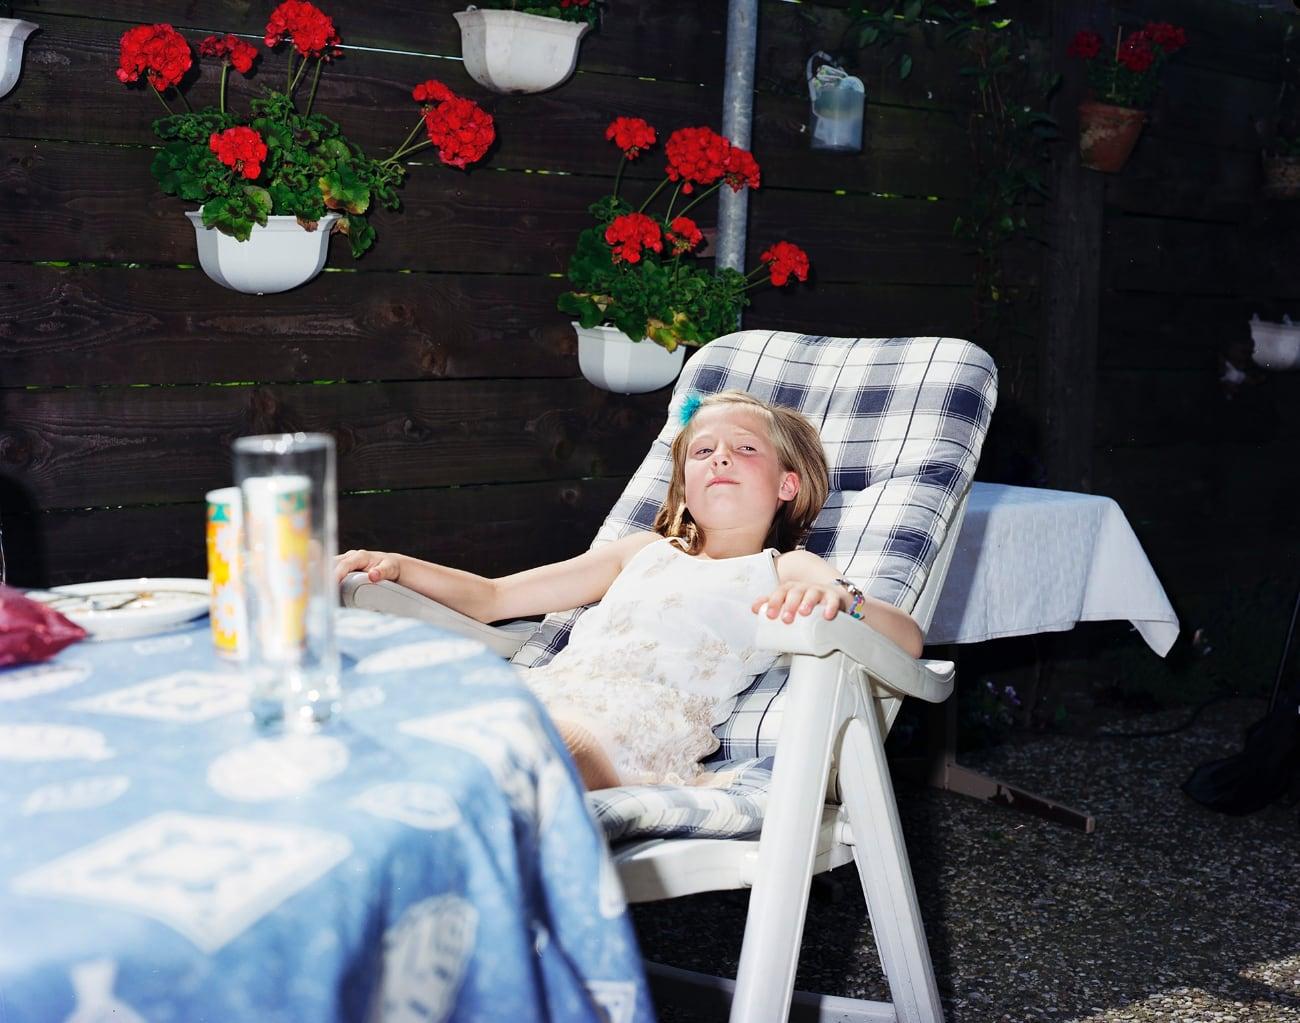 meisje in tuinstoel in tuin uit Thuis in de stad expositie van Raymond Wouda